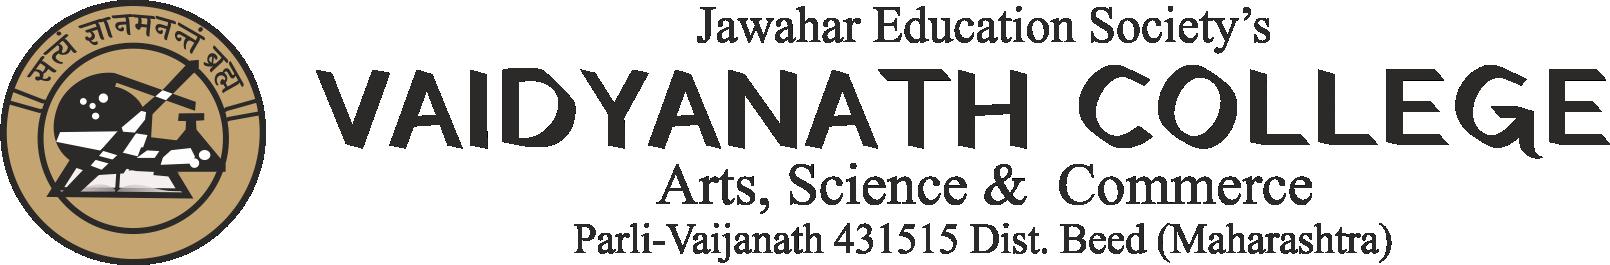 Vaidyanath College Art, Science & Commerce Parli vaijanath | Jawahar Education Society's